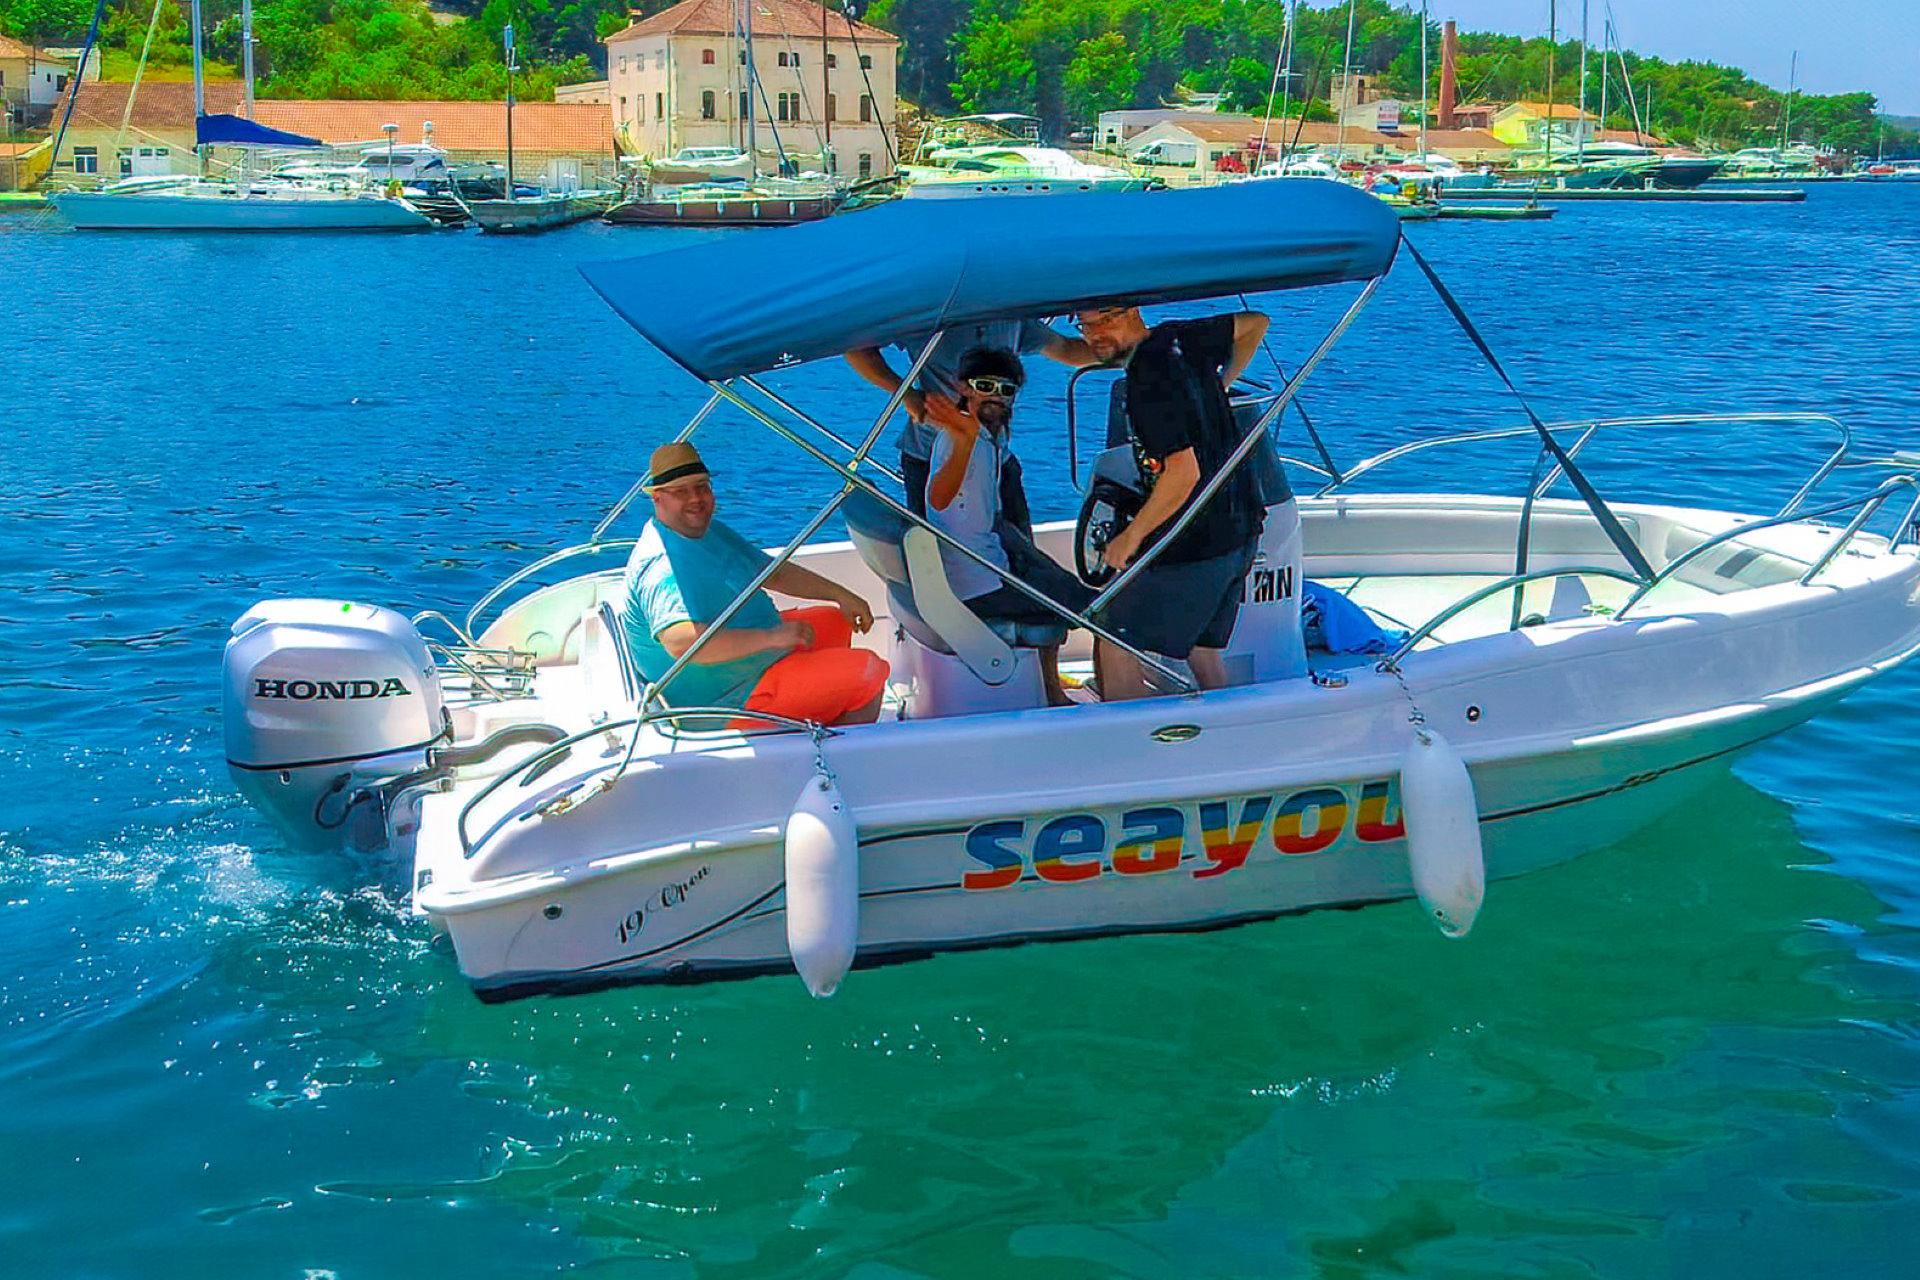 Rent a boat Milna, Brac island